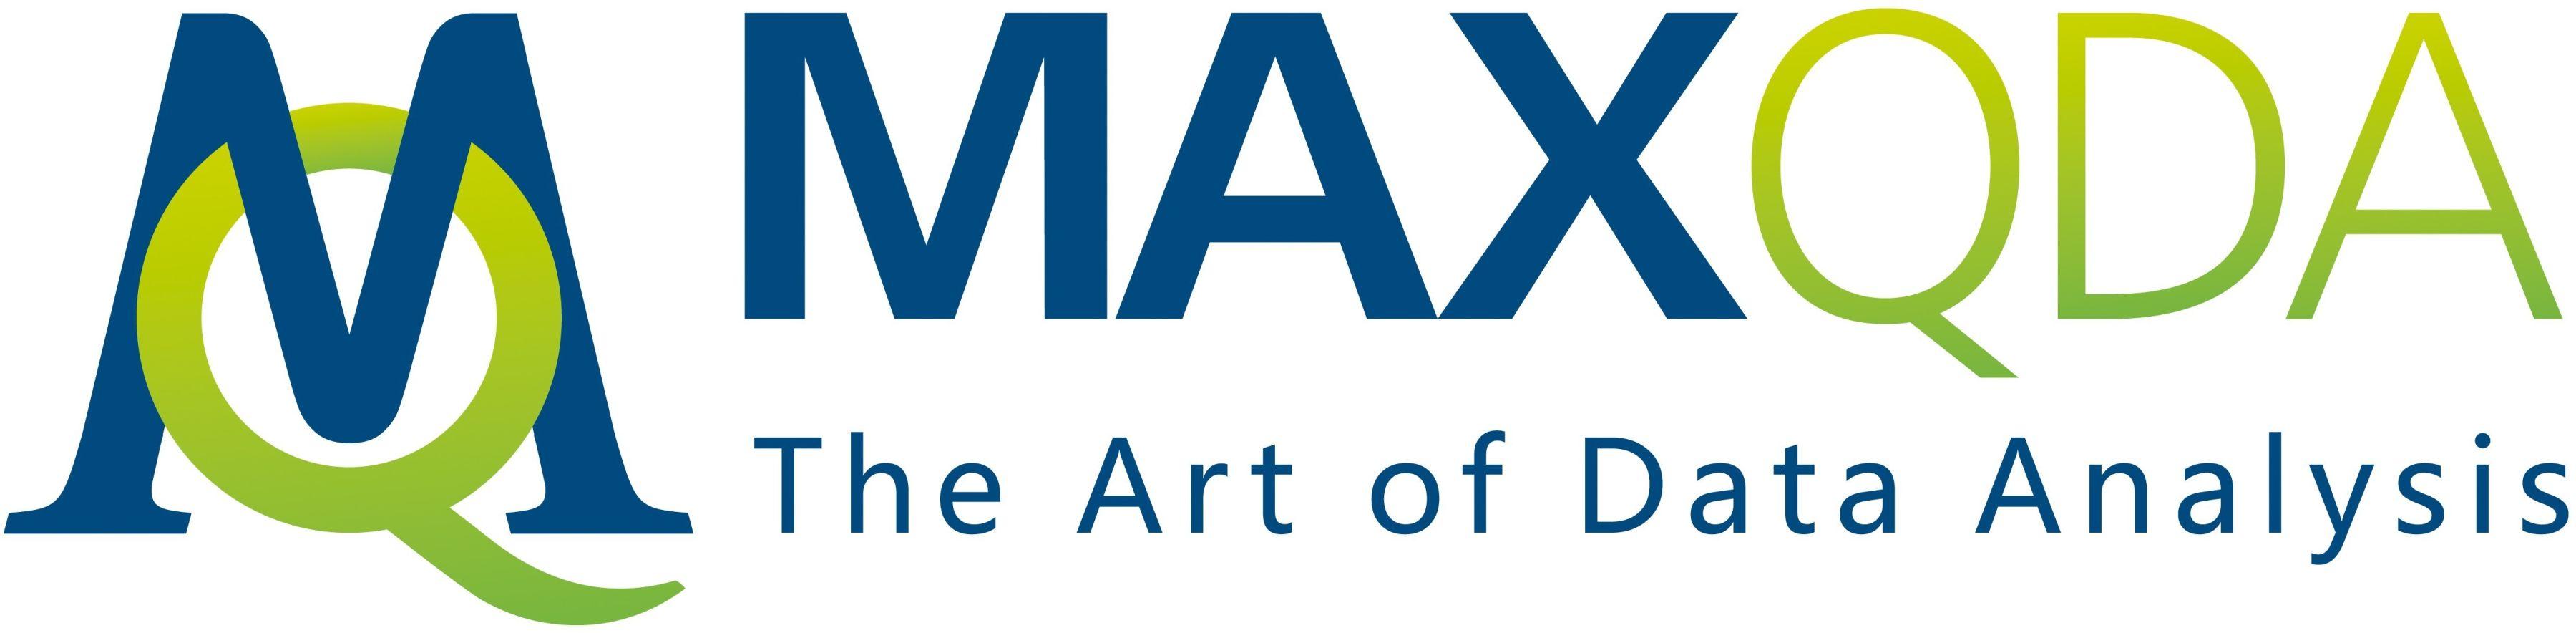 MAXQDA Plus - Użytkownik Indywidualny - Certyfikaty Rzetelna Firma i Adobe Gold Reseller